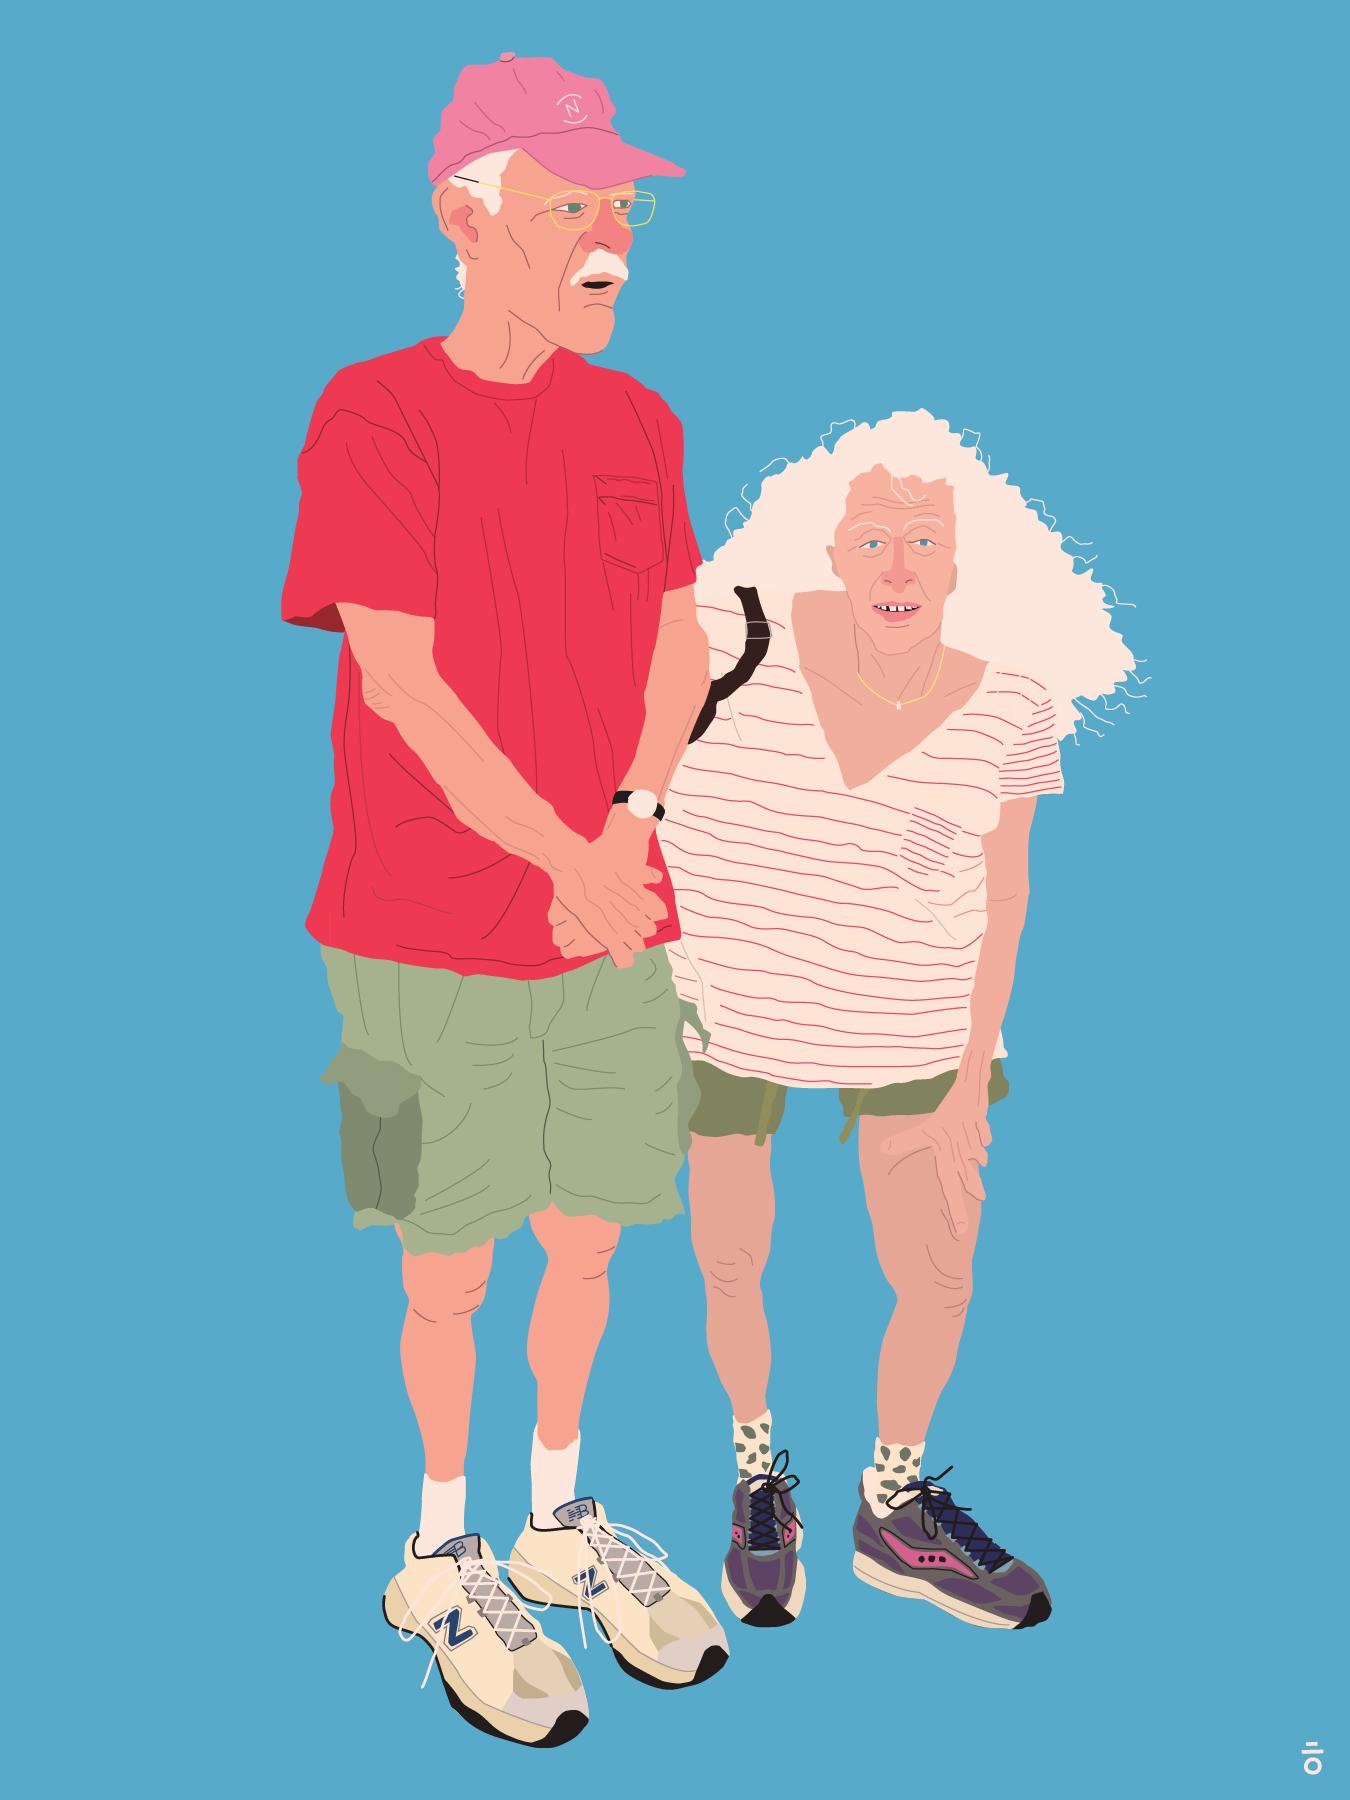 Joe_Whang_Elderlies_022.png